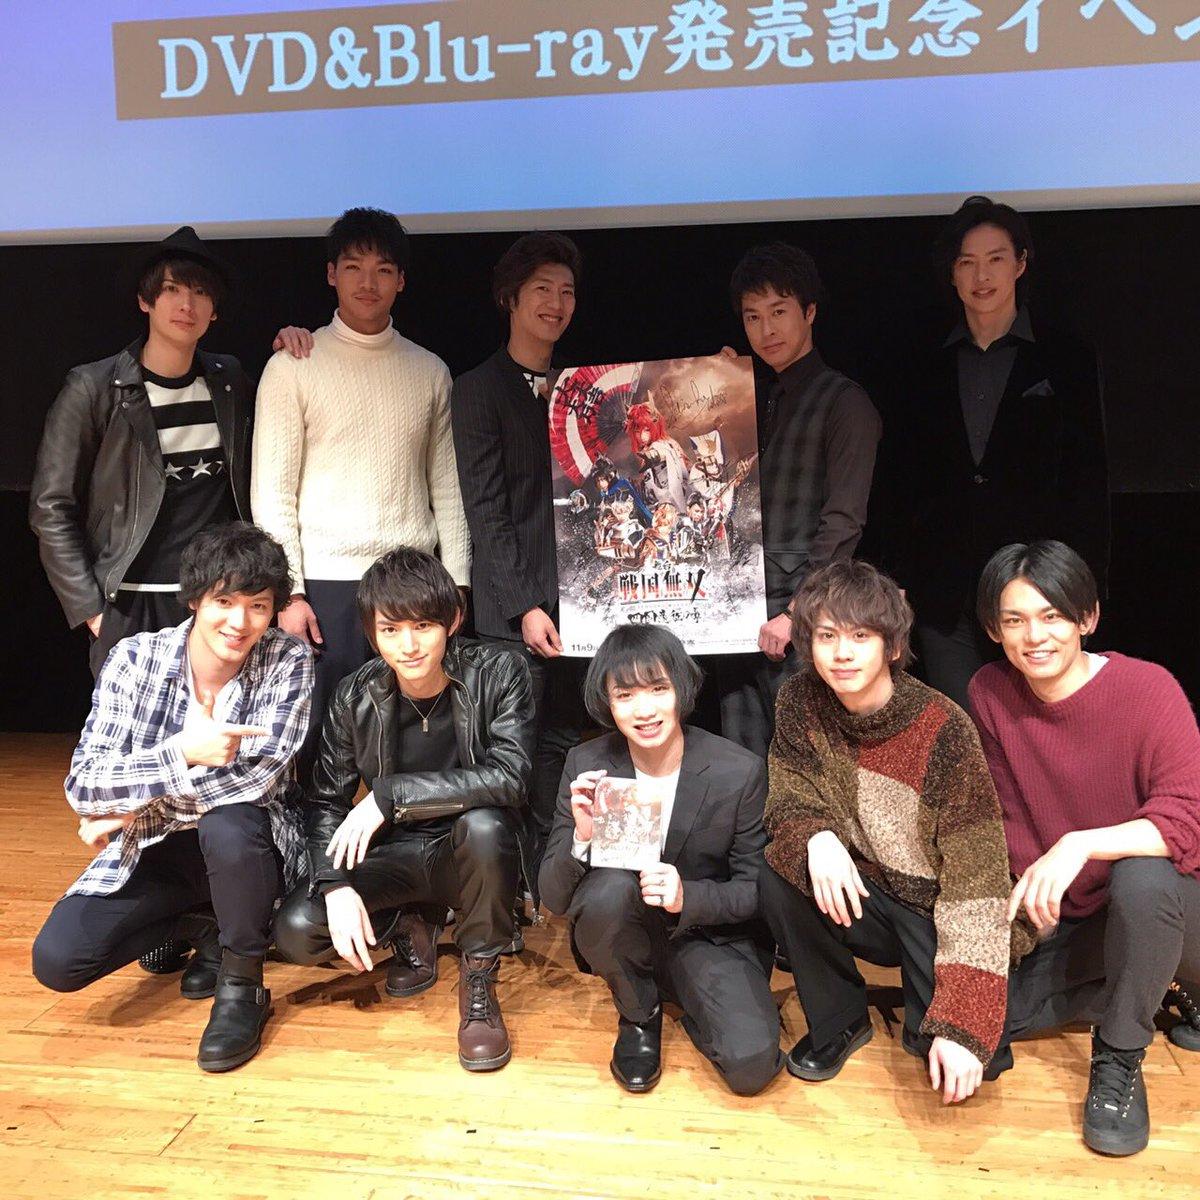 戦国無双DVD発売イベント終了しました!!  ご来場誠にありがとうございました!!  四国遠征の章 …